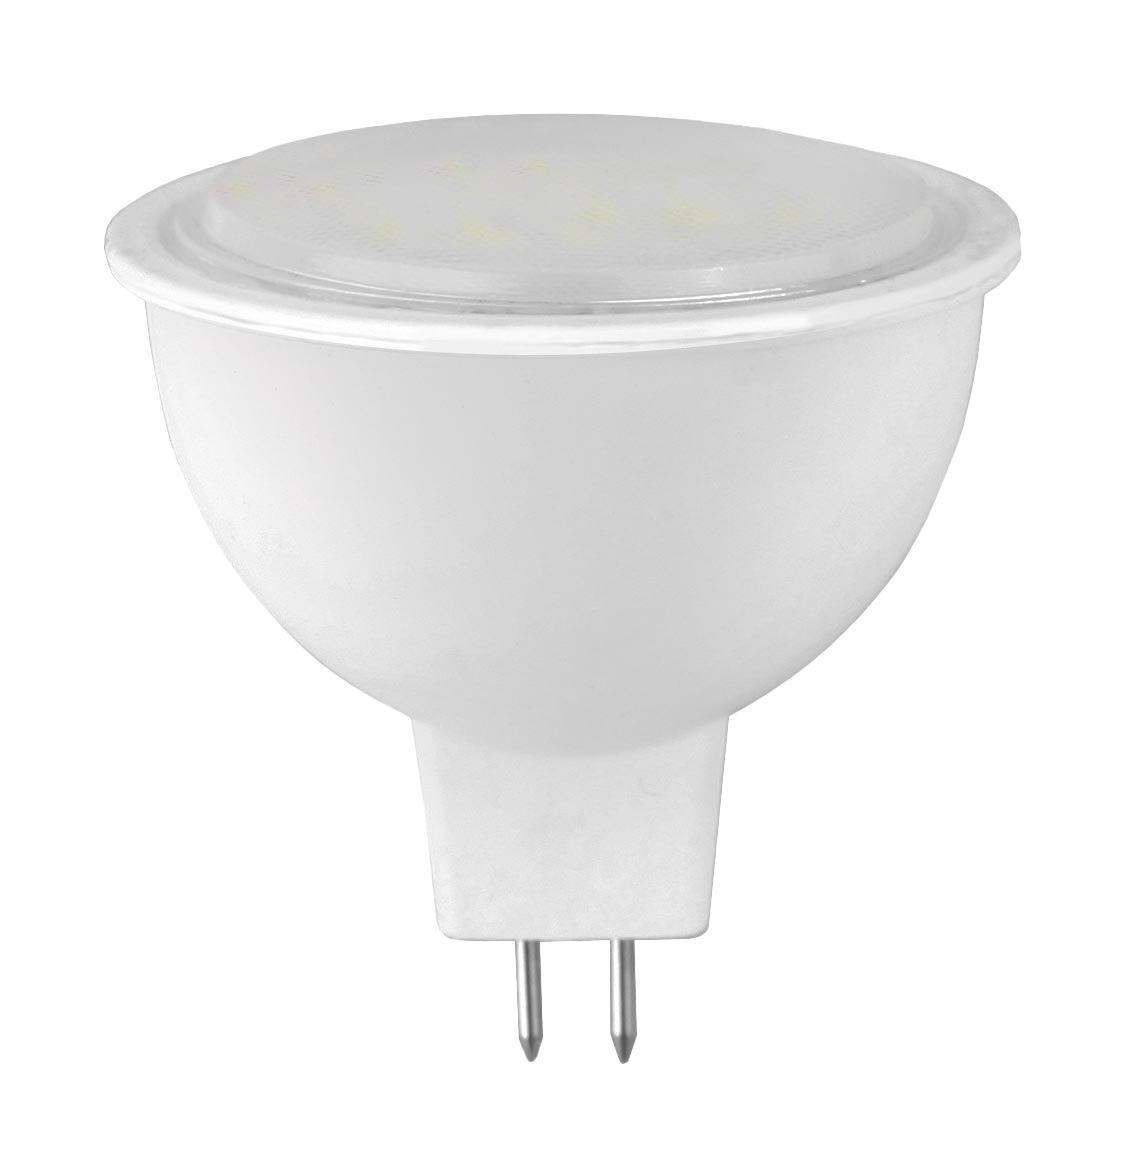 Camelion LED5-JCDR/845/GU5.3 светодиодная лампа, 5ВтLED5-JCDR/845/GU5.3Высокая вибро- и ударопрочность - отсутствуют нить накаливания и хрупкие стеклянные трубки. Широкий температурный диапазон эксплуатации (от -30°C до +40°C) - возможность использования ламп вне помещений. Могут применяться как для основного, так и для акцентированного освещения. Экономия электроэнергии до 90% без ущерба для освещенности и качества света по сравнению с обычными лампами накаливания такой же яркости. Мгновенное включение и выход на полную яркость. Светодиодные лампы для точечных светильников - это замена традиционных и повсеместно используемых галогенных ламп типа JCDR. Отличительной особенностью светодиодных ламп точечного света является низкое энергопотребление и почти отсутствие нагрева в процессе эксплуатации. При этом -это лампы с высоким сроком службы 30 000 - 50 000 часов. Если вы хотите экономить, и готовы на начальном этапе потратиться, тогда Ваш выбор светодиодное освещение. Если же по каким-то причинам светодиодные...